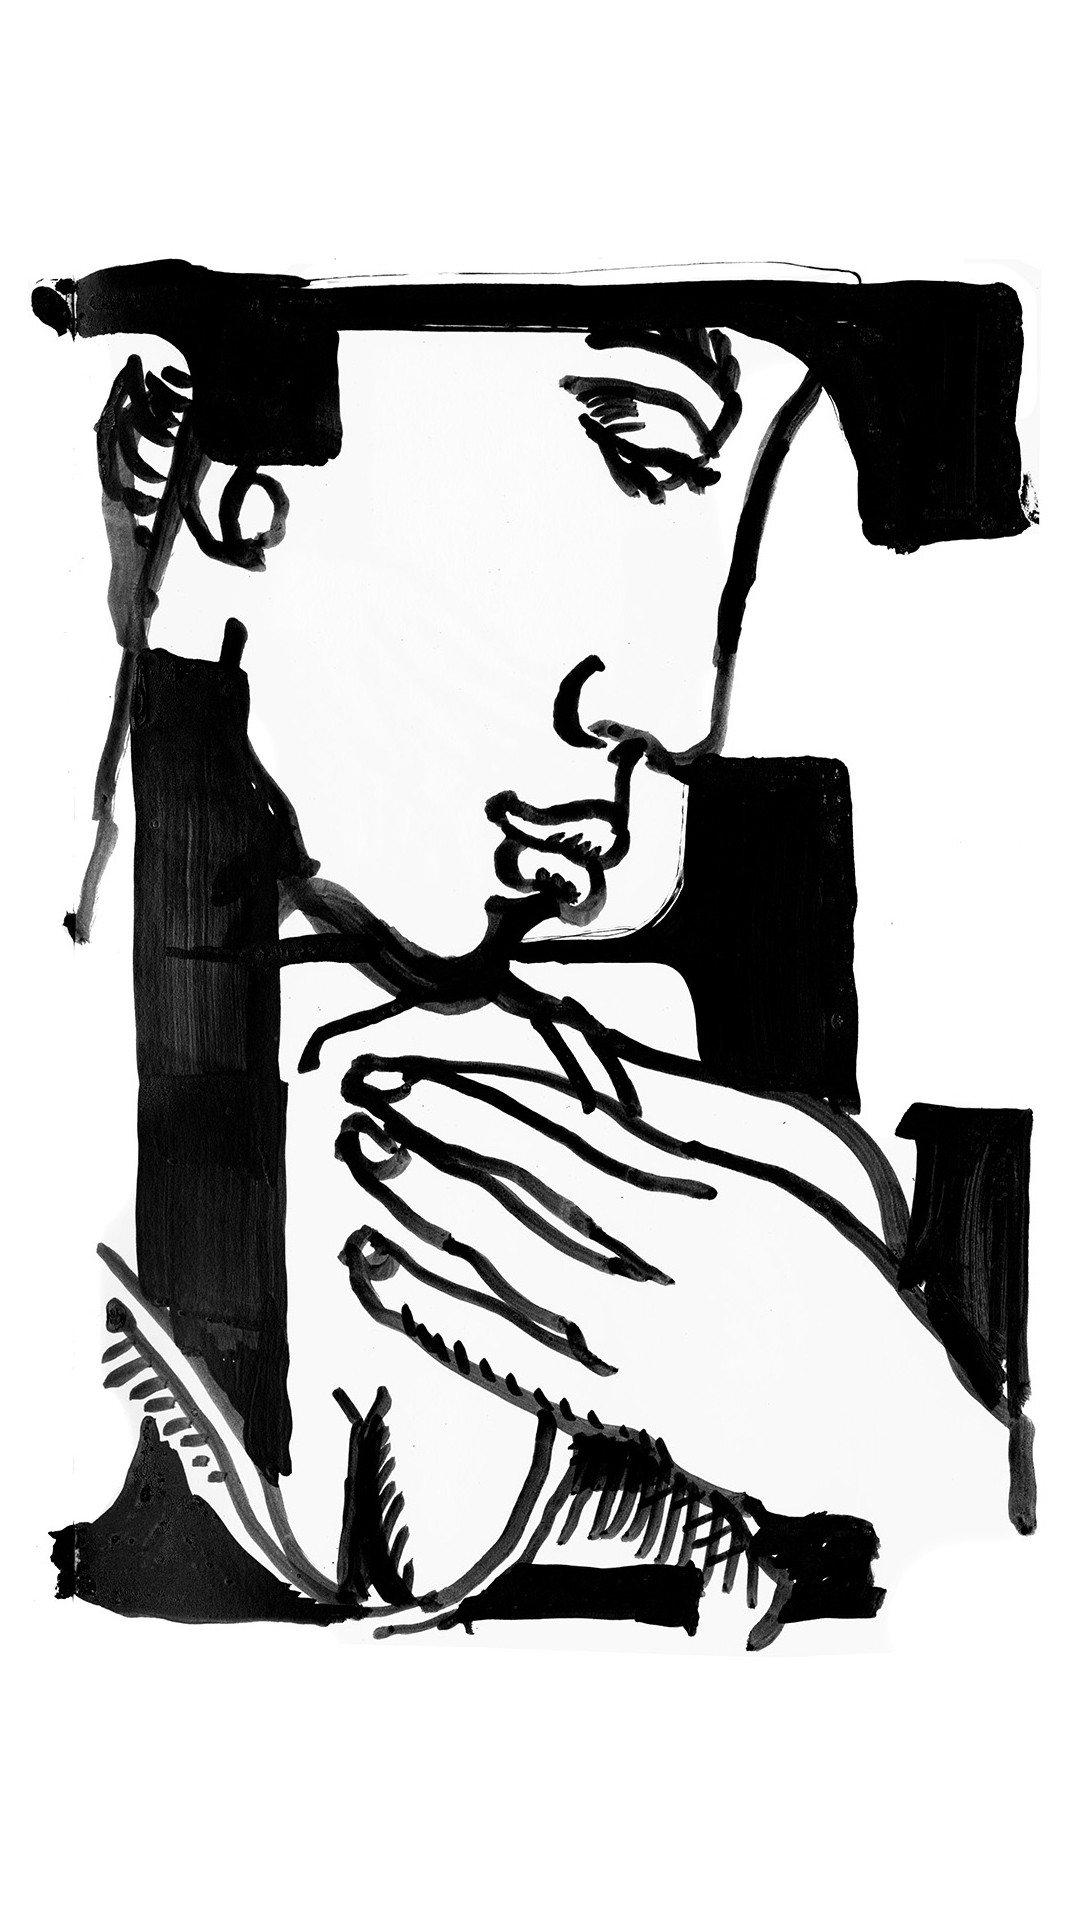 26個英文字母上各以單色女性臉孔或身體圖像裝飾,樣貌多變。圖/Miu Miu提供